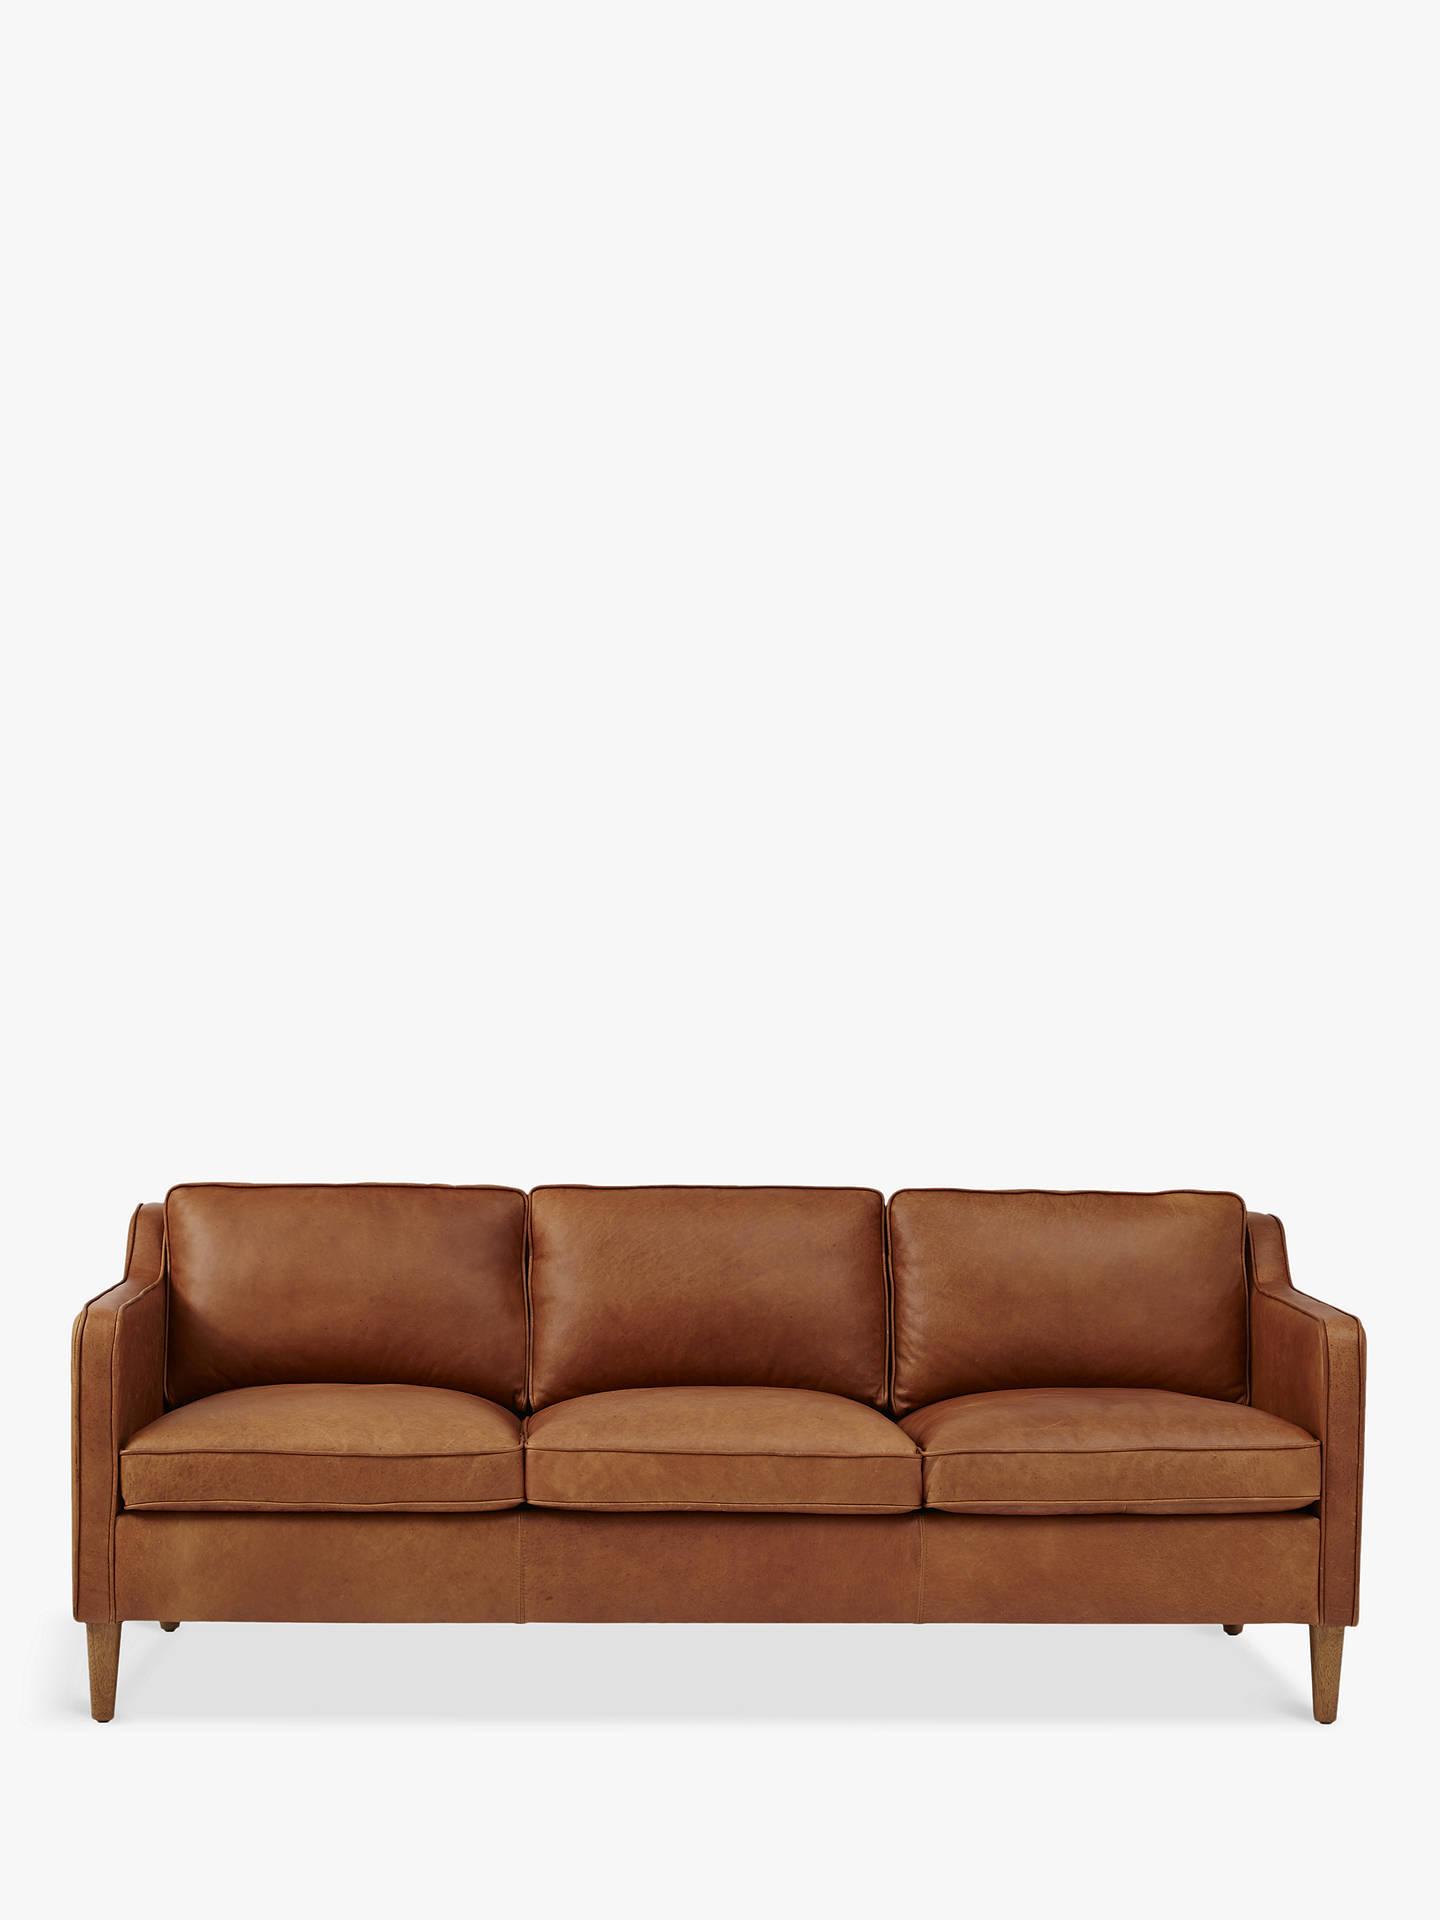 West Elm Hamilton 3 Seater Sofa Sienna Online At Johnlewis